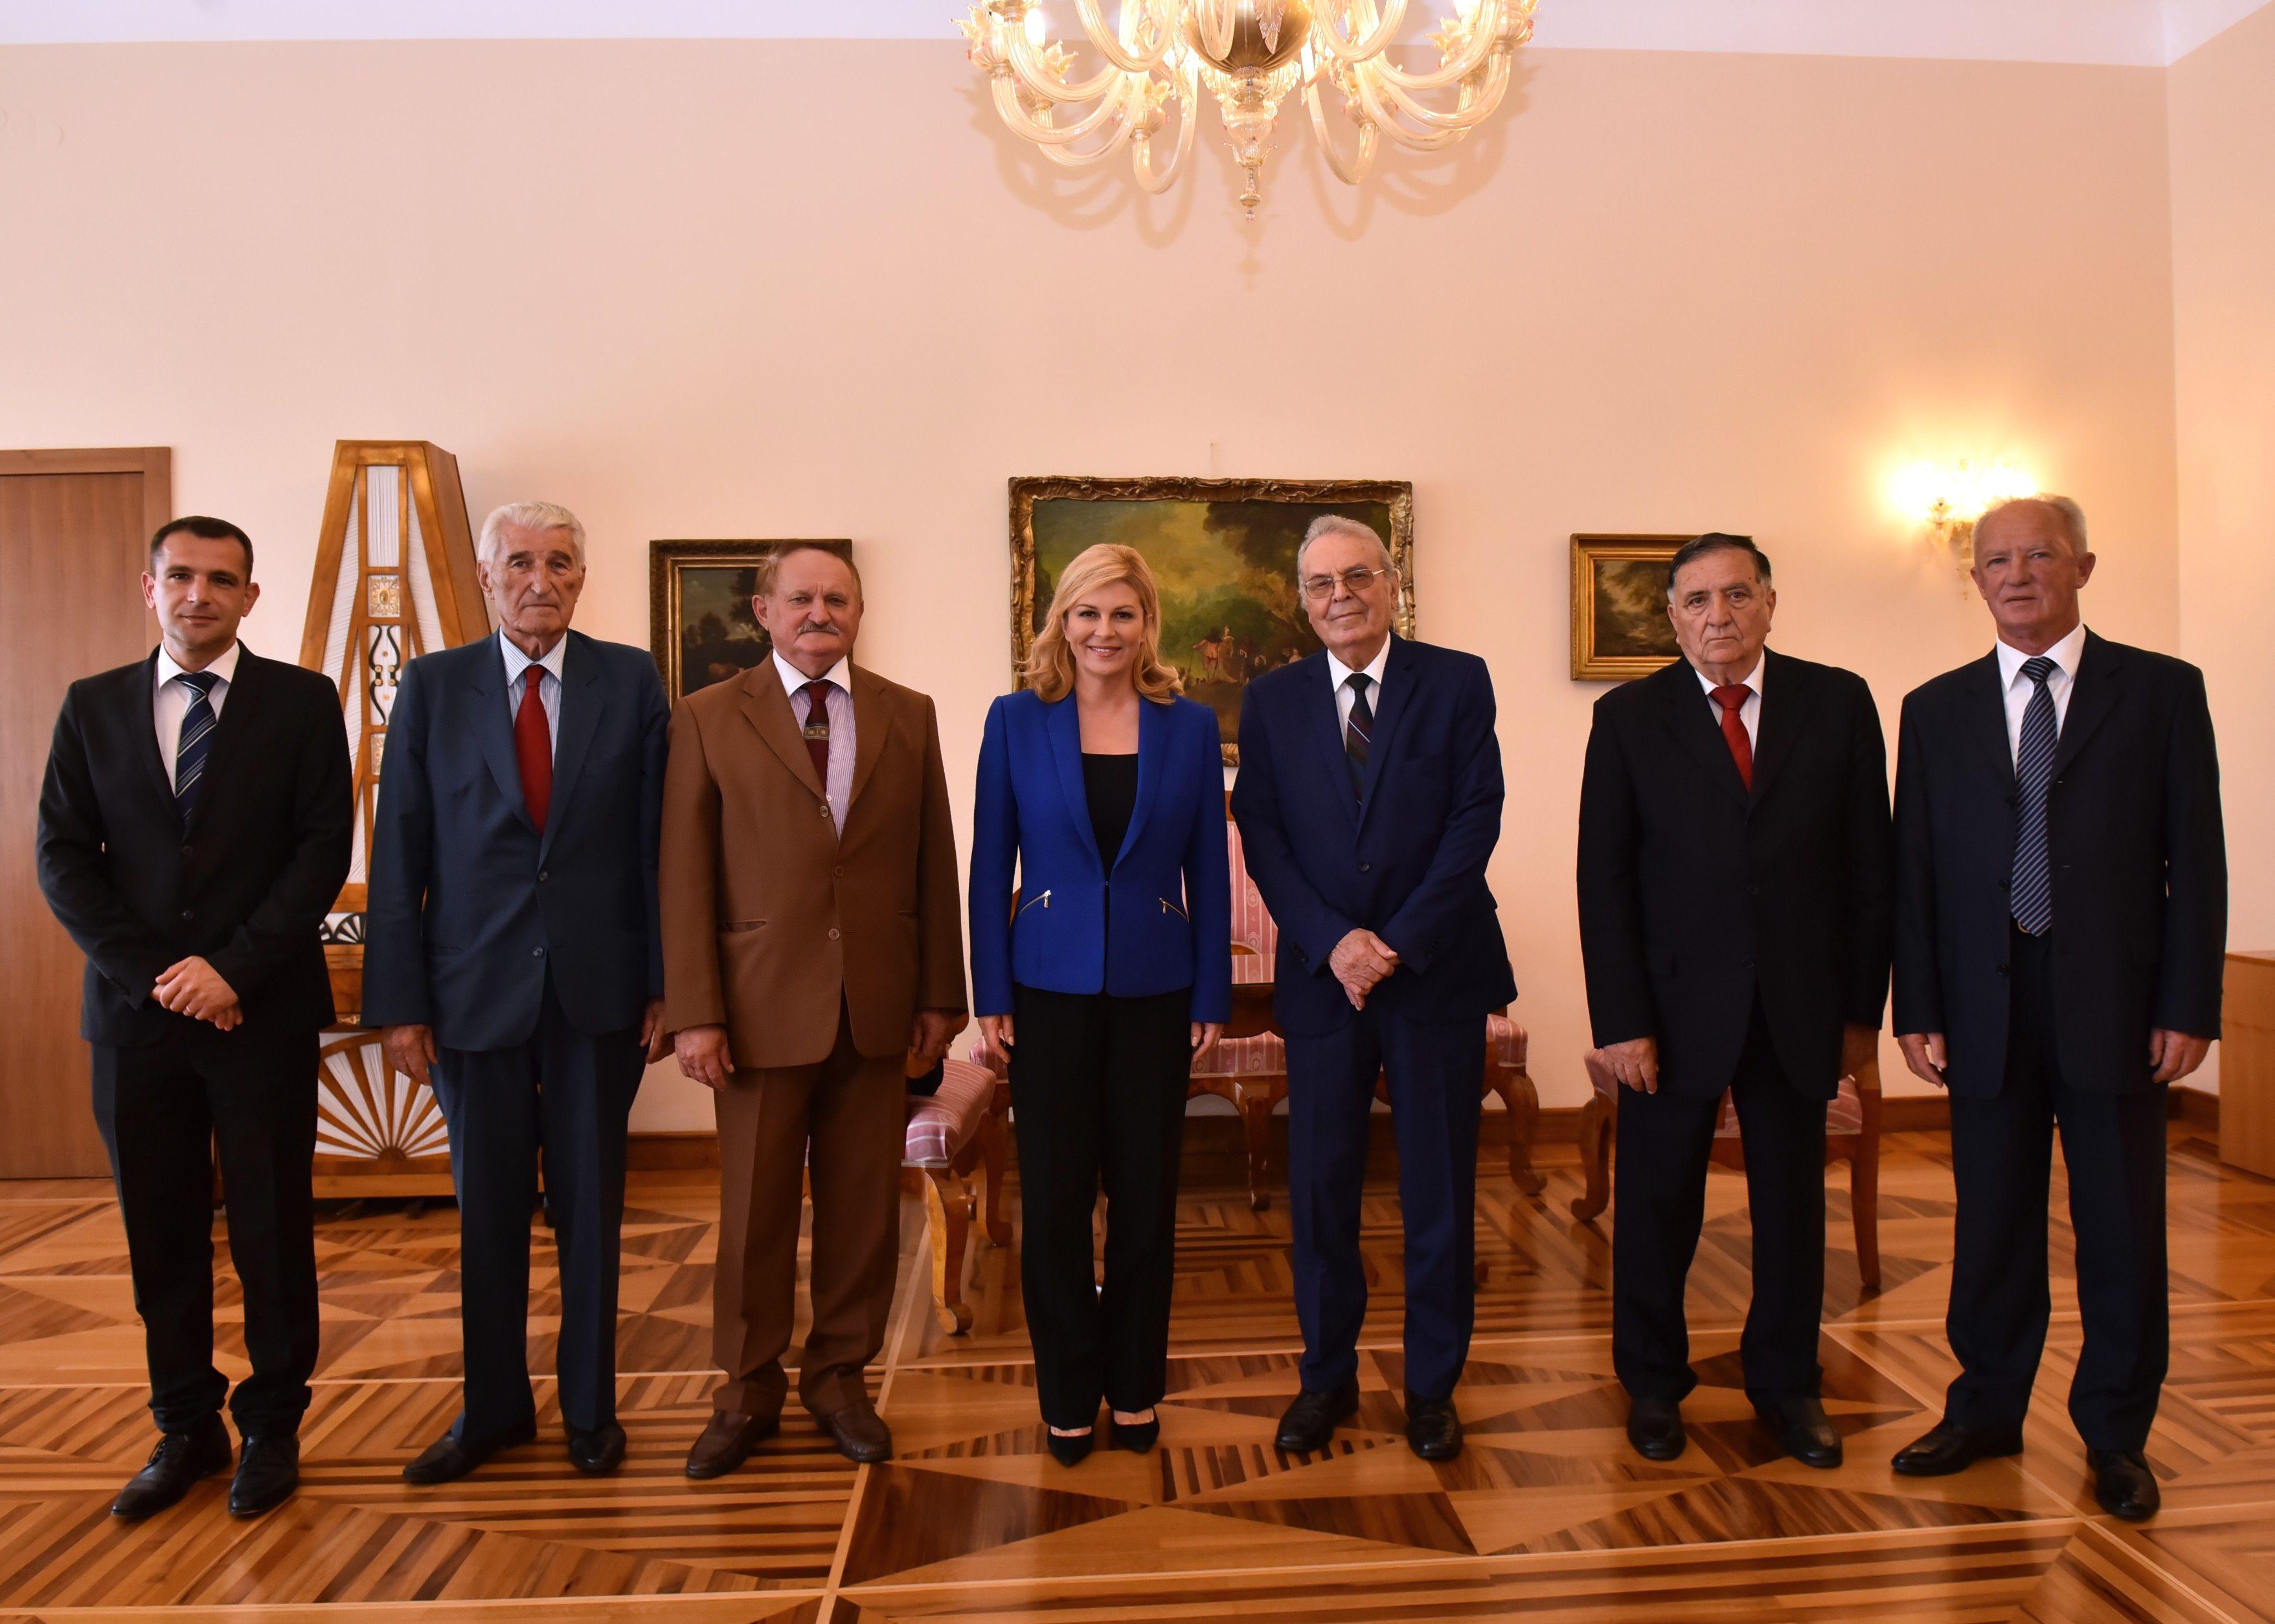 Predsjednica primila izaslanstvo Saveza antifašističkih boraca i antifašista Republike Hrvatske